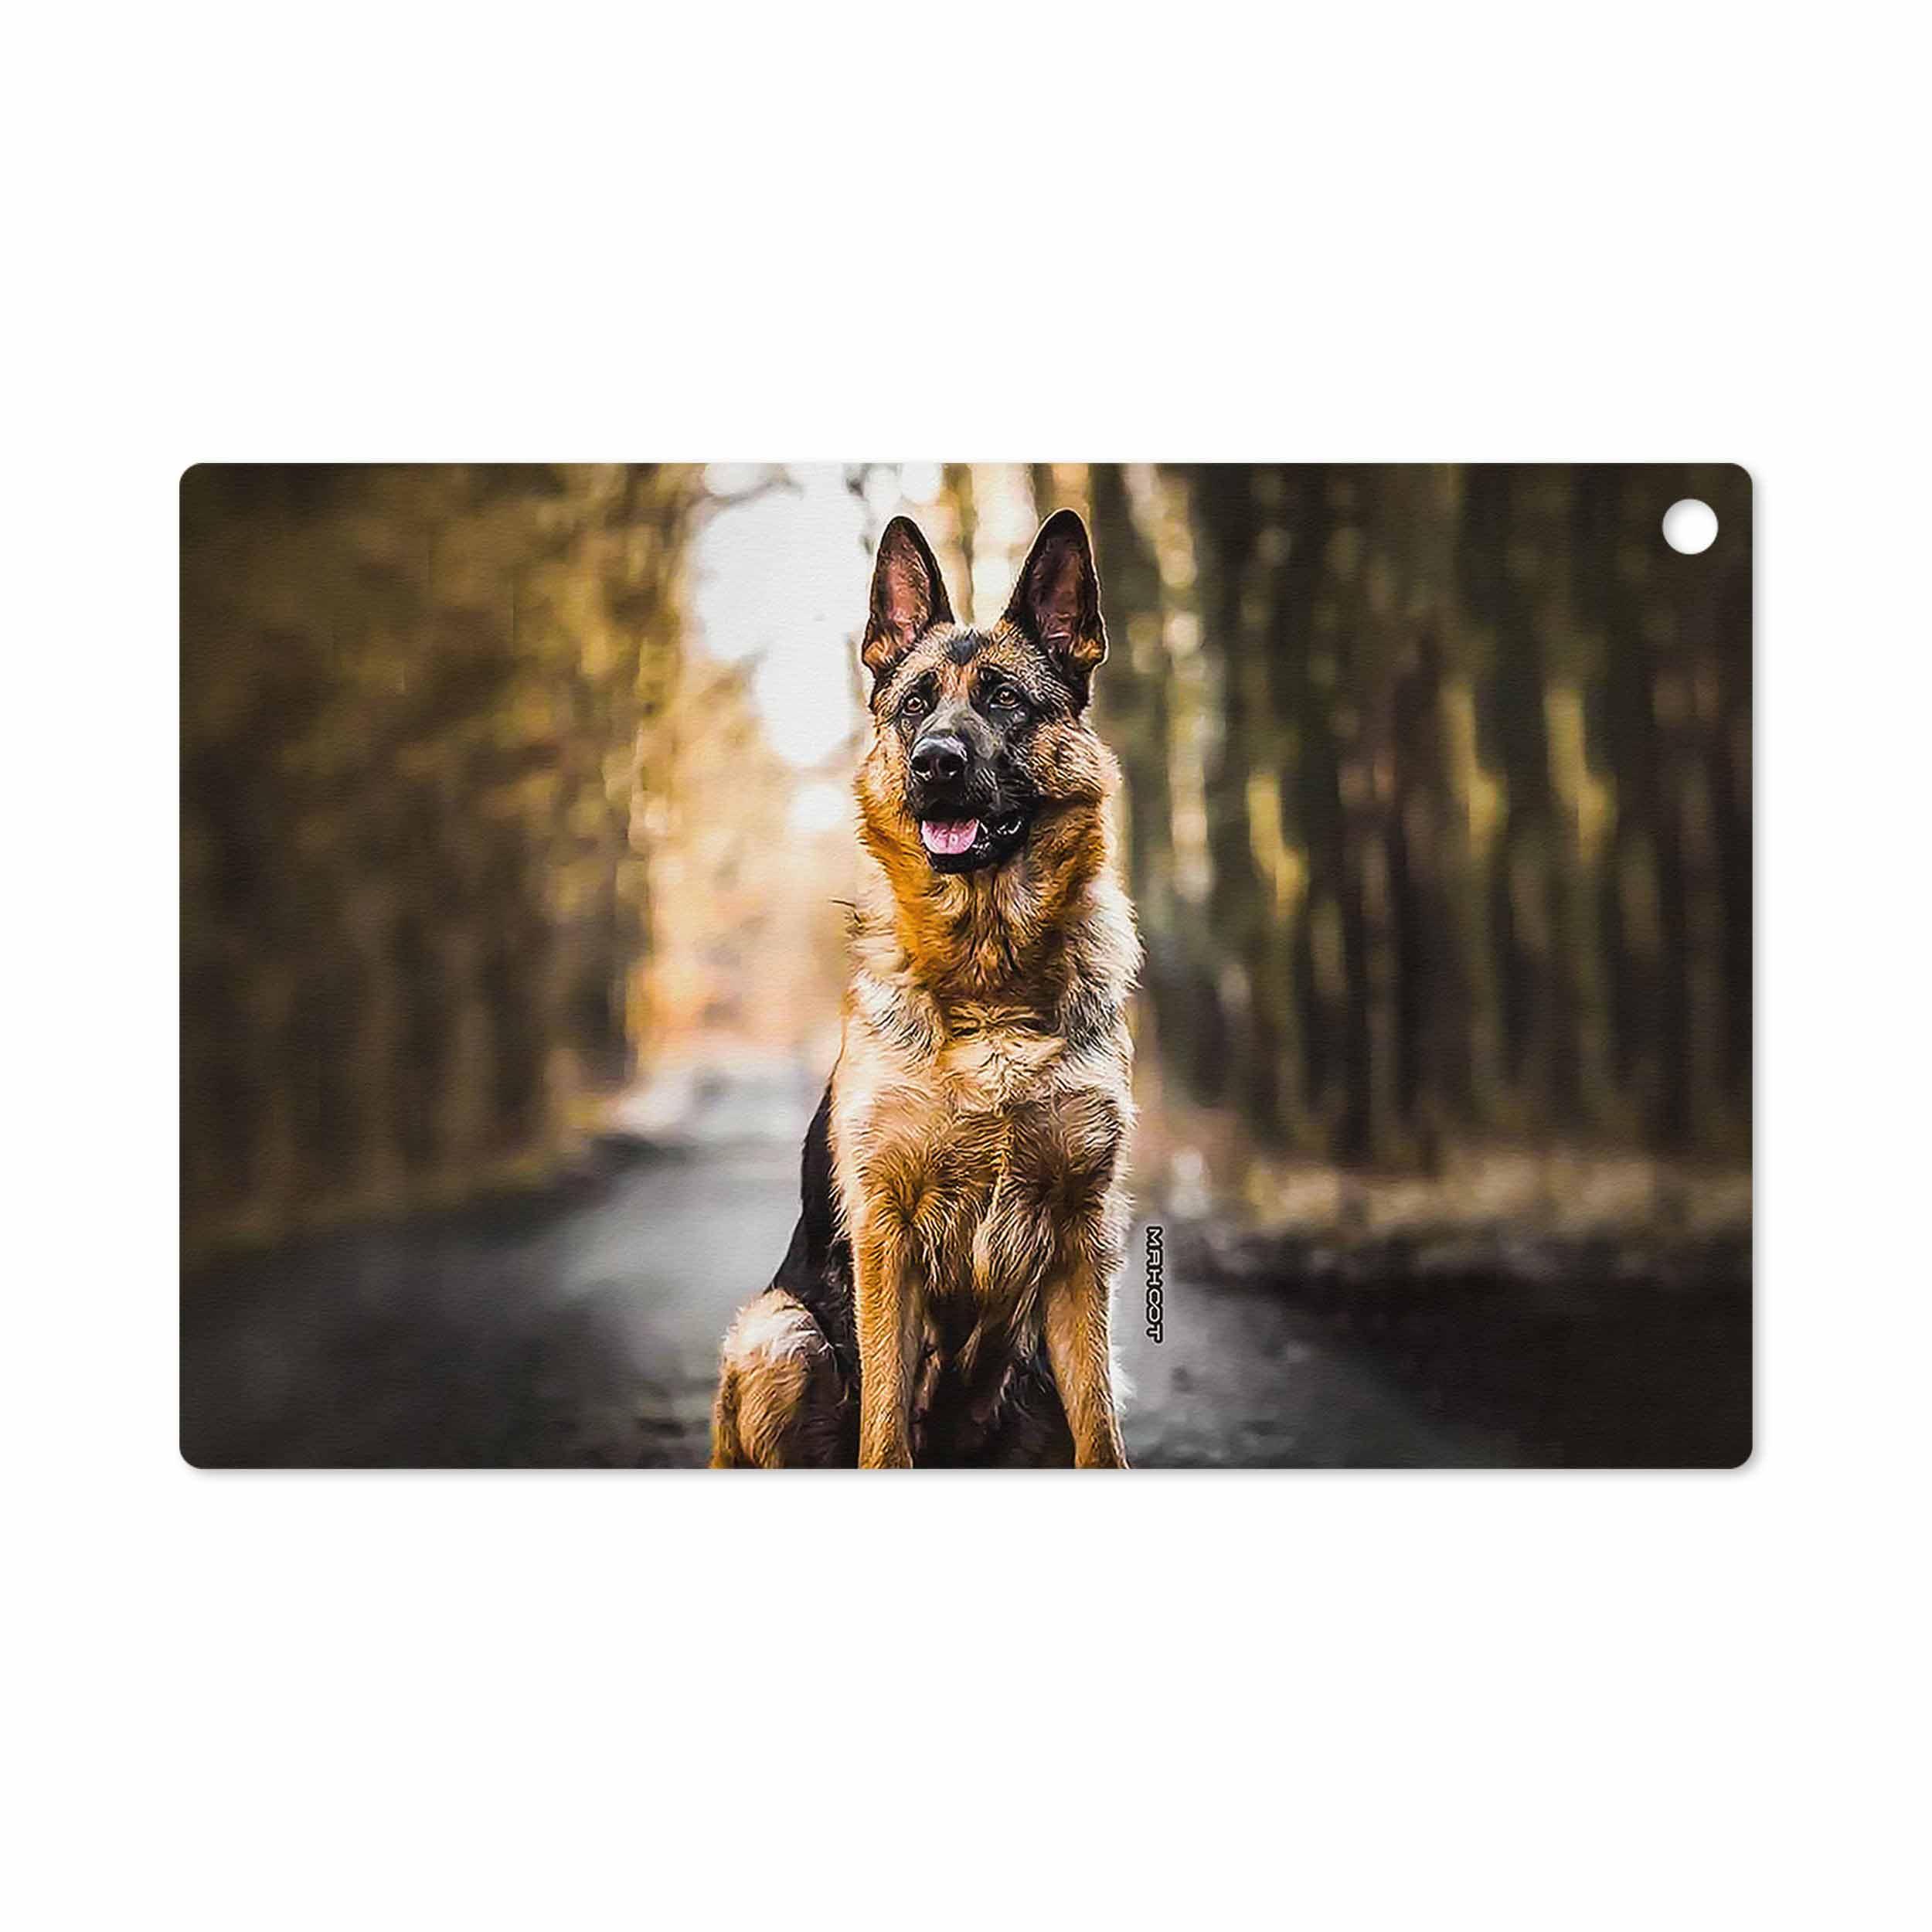 بررسی و خرید [با تخفیف]                                     برچسب پوششی ماهوت مدل Dog-1 مناسب برای تبلت سونی Xperia Tablet Z LTE 2013                             اورجینال